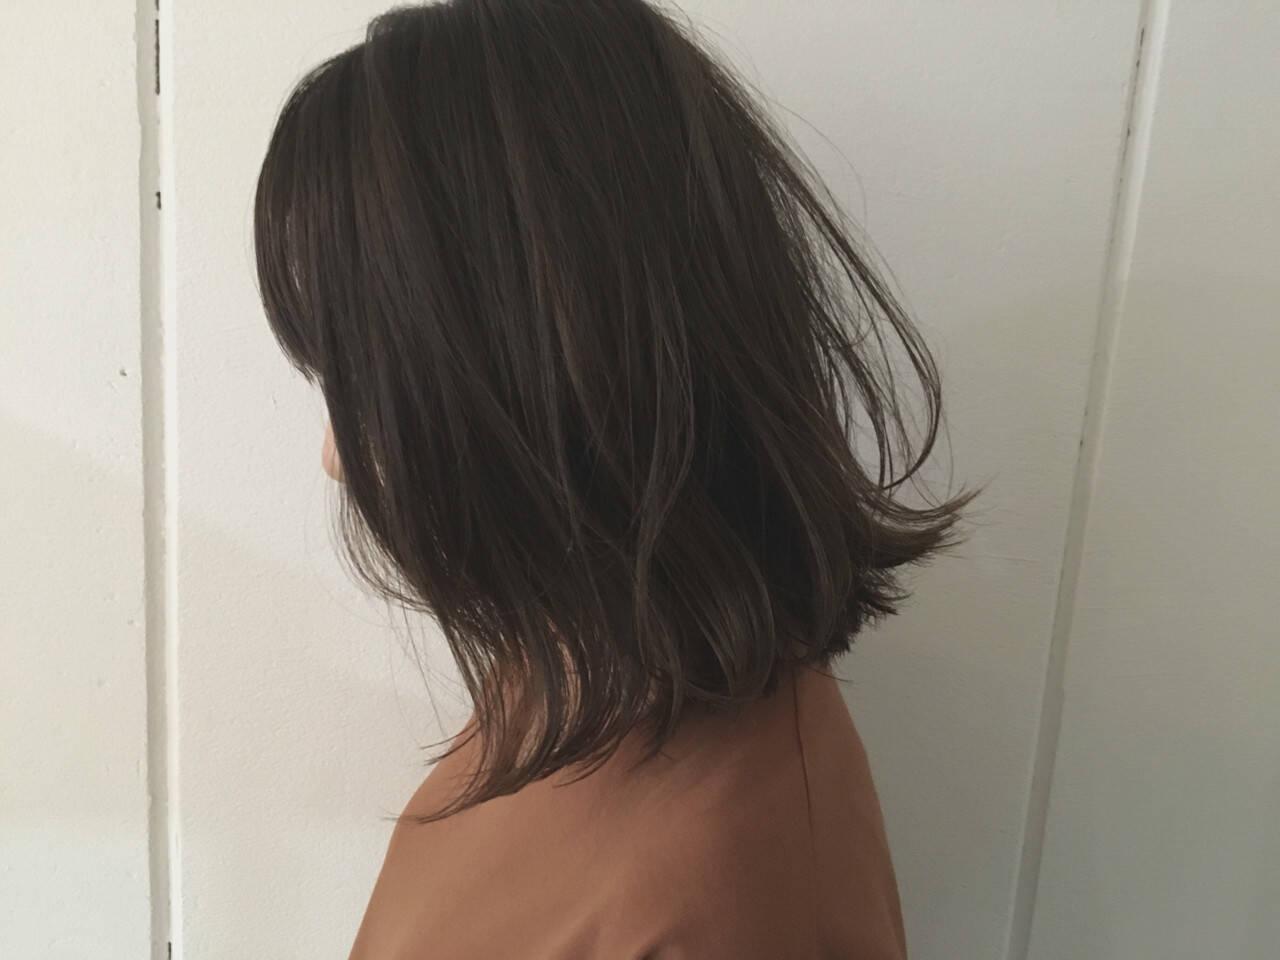 ストリート ウェットヘア 抜け感 前下がりヘアスタイルや髪型の写真・画像